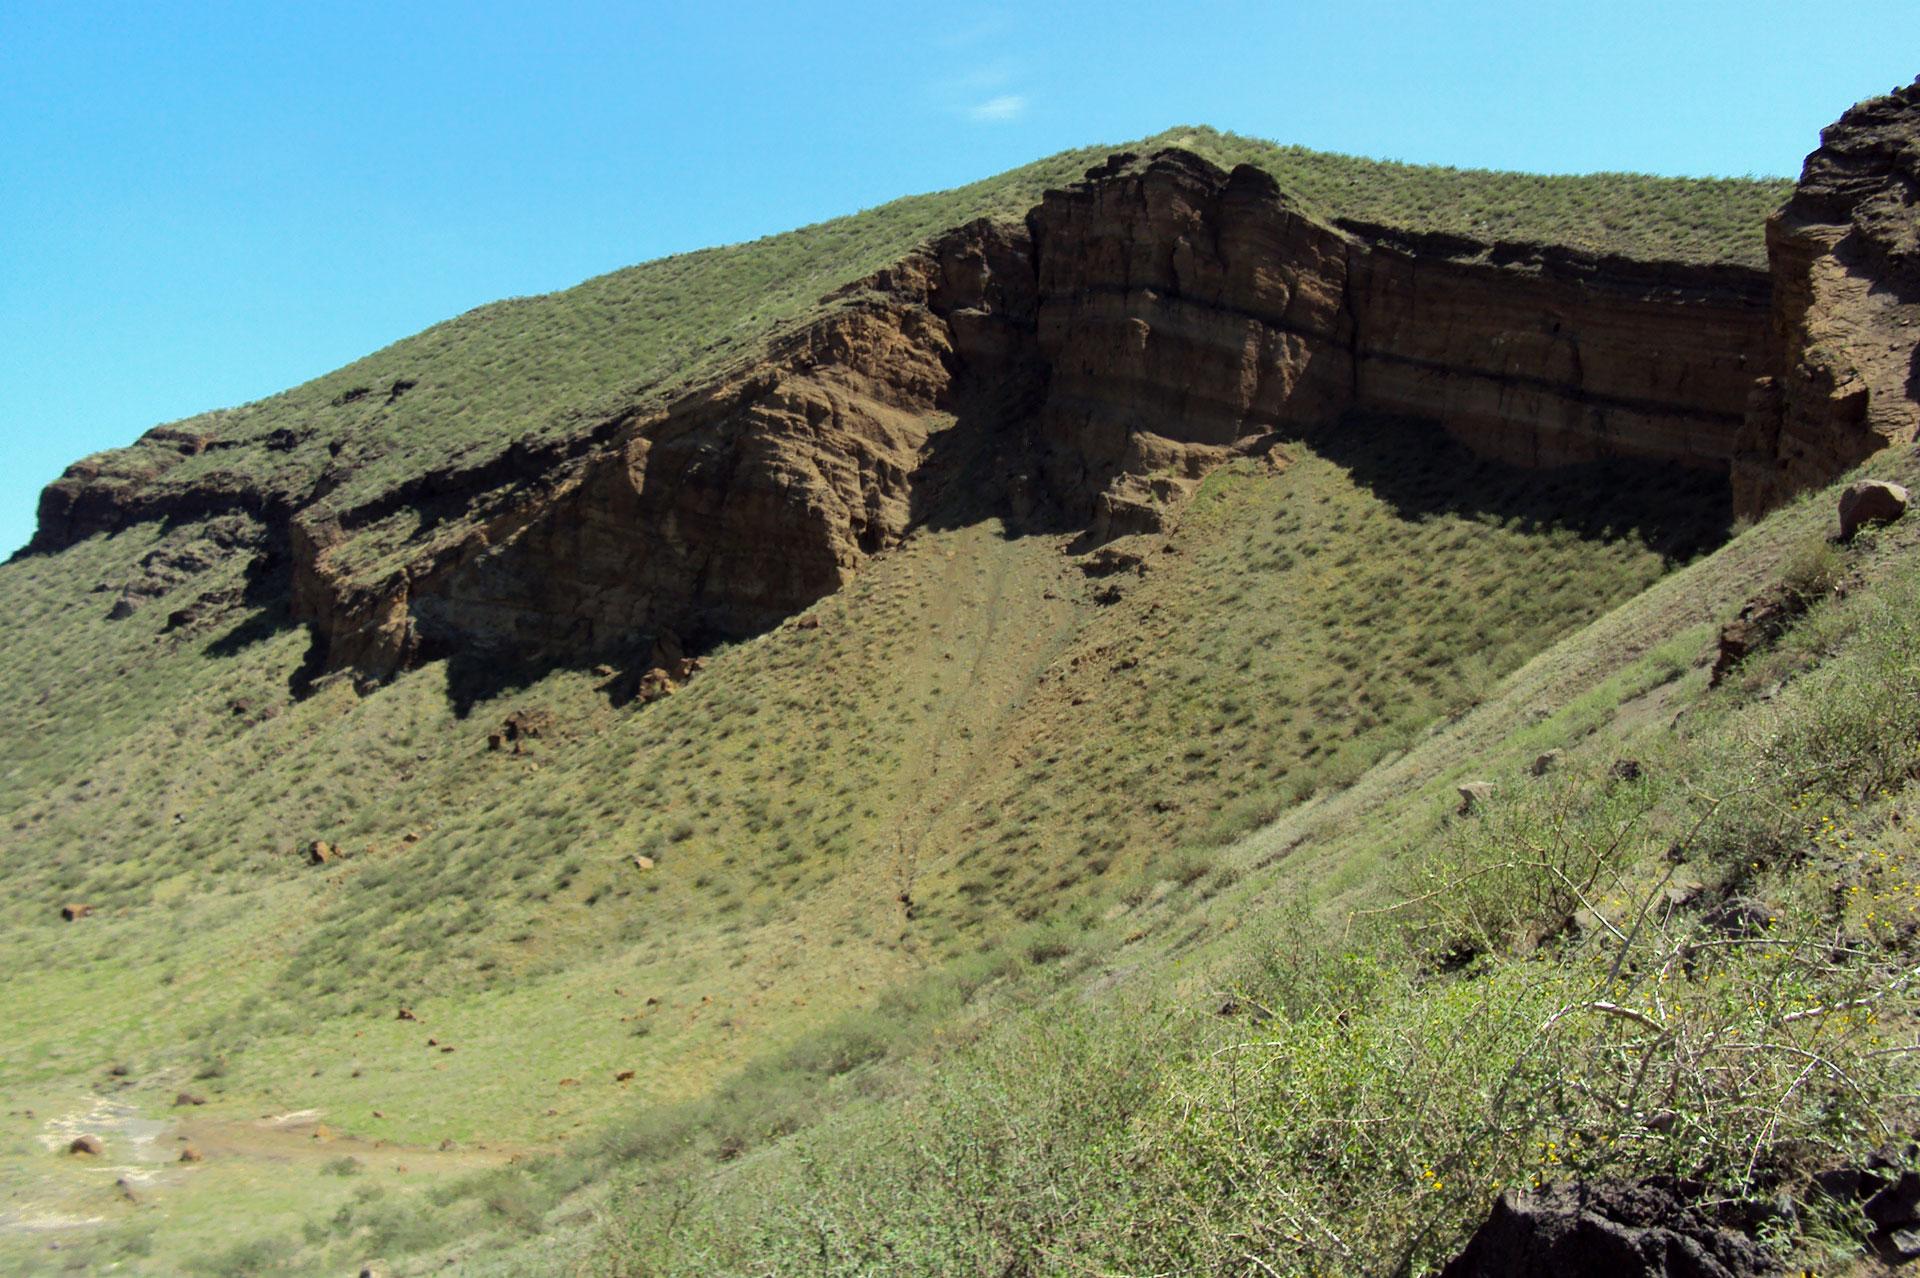 Diani_travel_center_National_Parks_in_Kenya_Central_Island_National_park_image_5